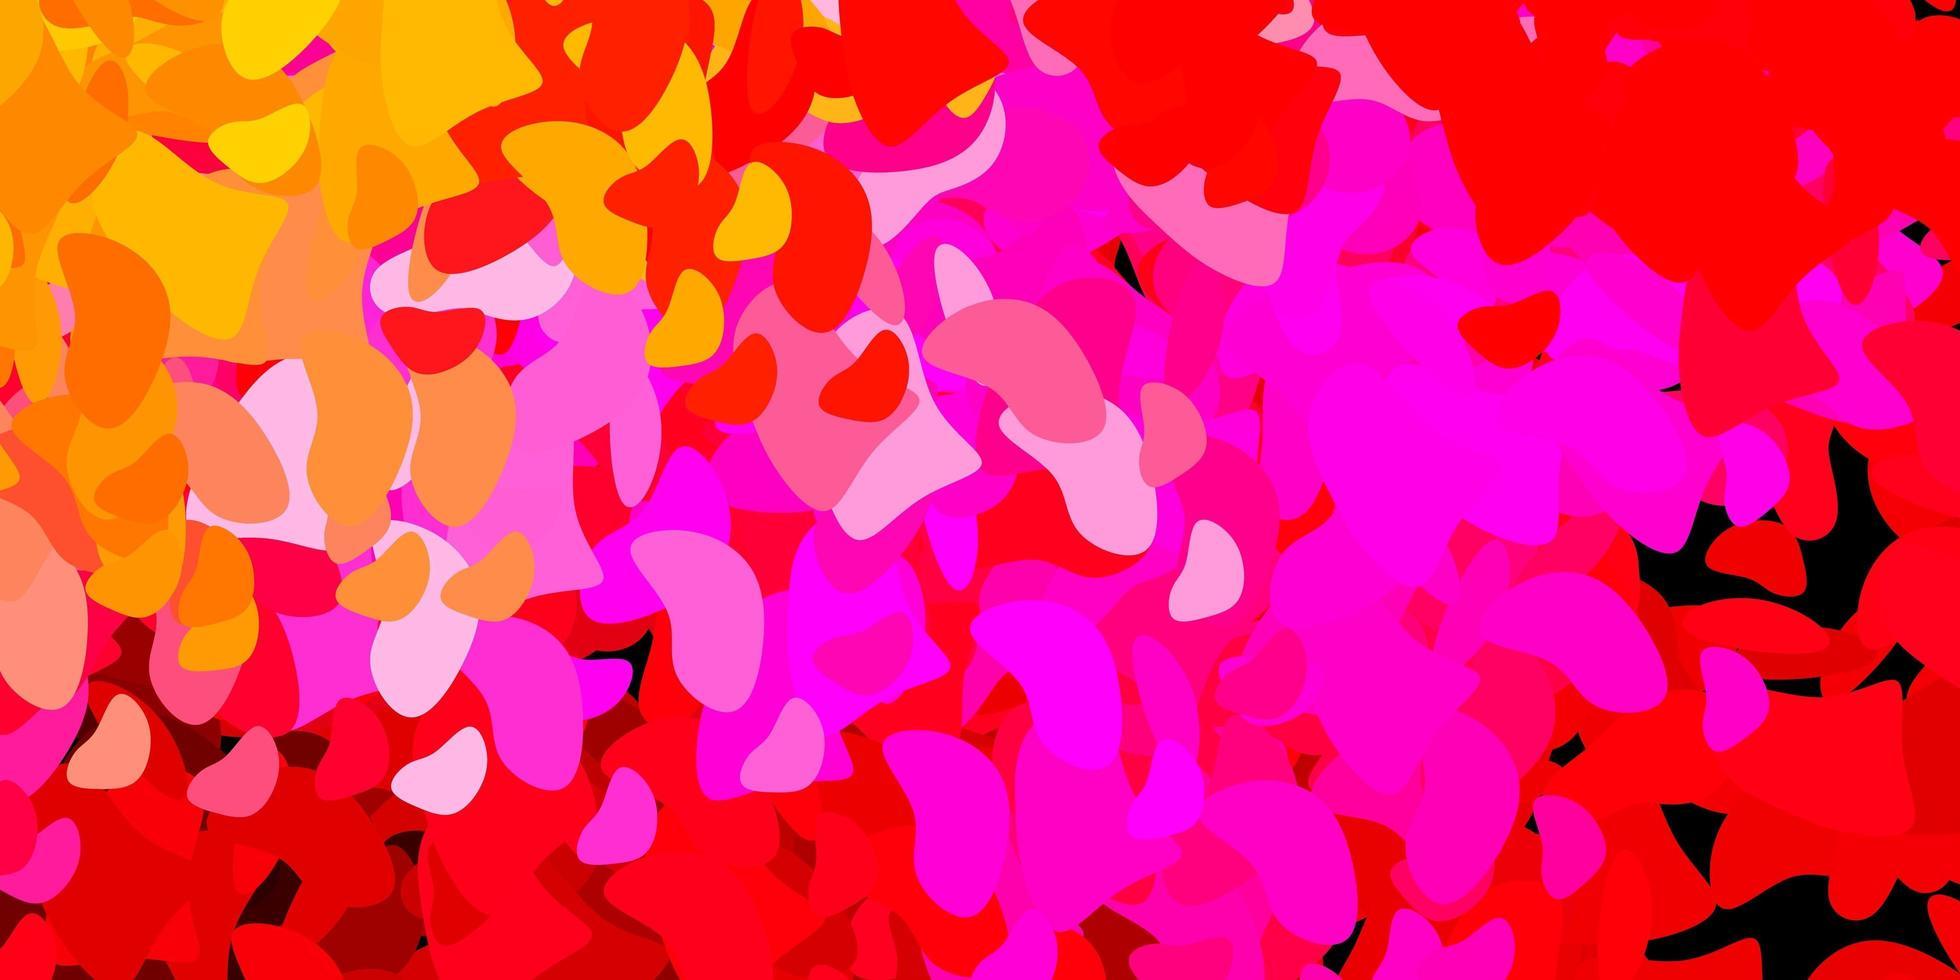 dunkelvioletter Vektorhintergrund mit chaotischen Formen. vektor